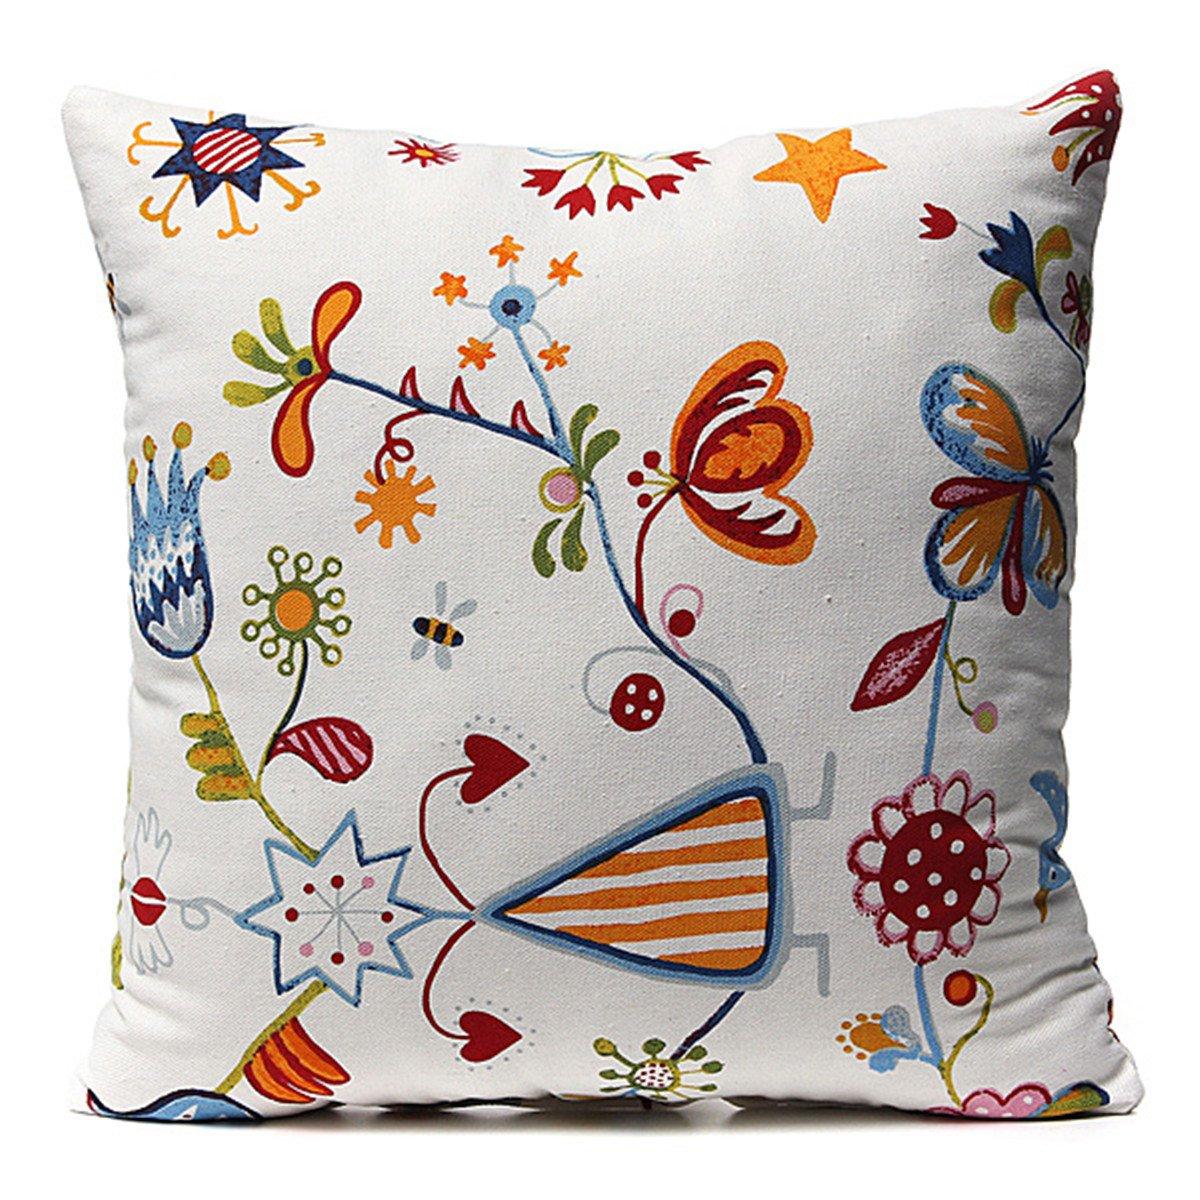 kissenh lle 40x40 dekokissen baumwolle kissenbezug v gel muster gy ebay. Black Bedroom Furniture Sets. Home Design Ideas